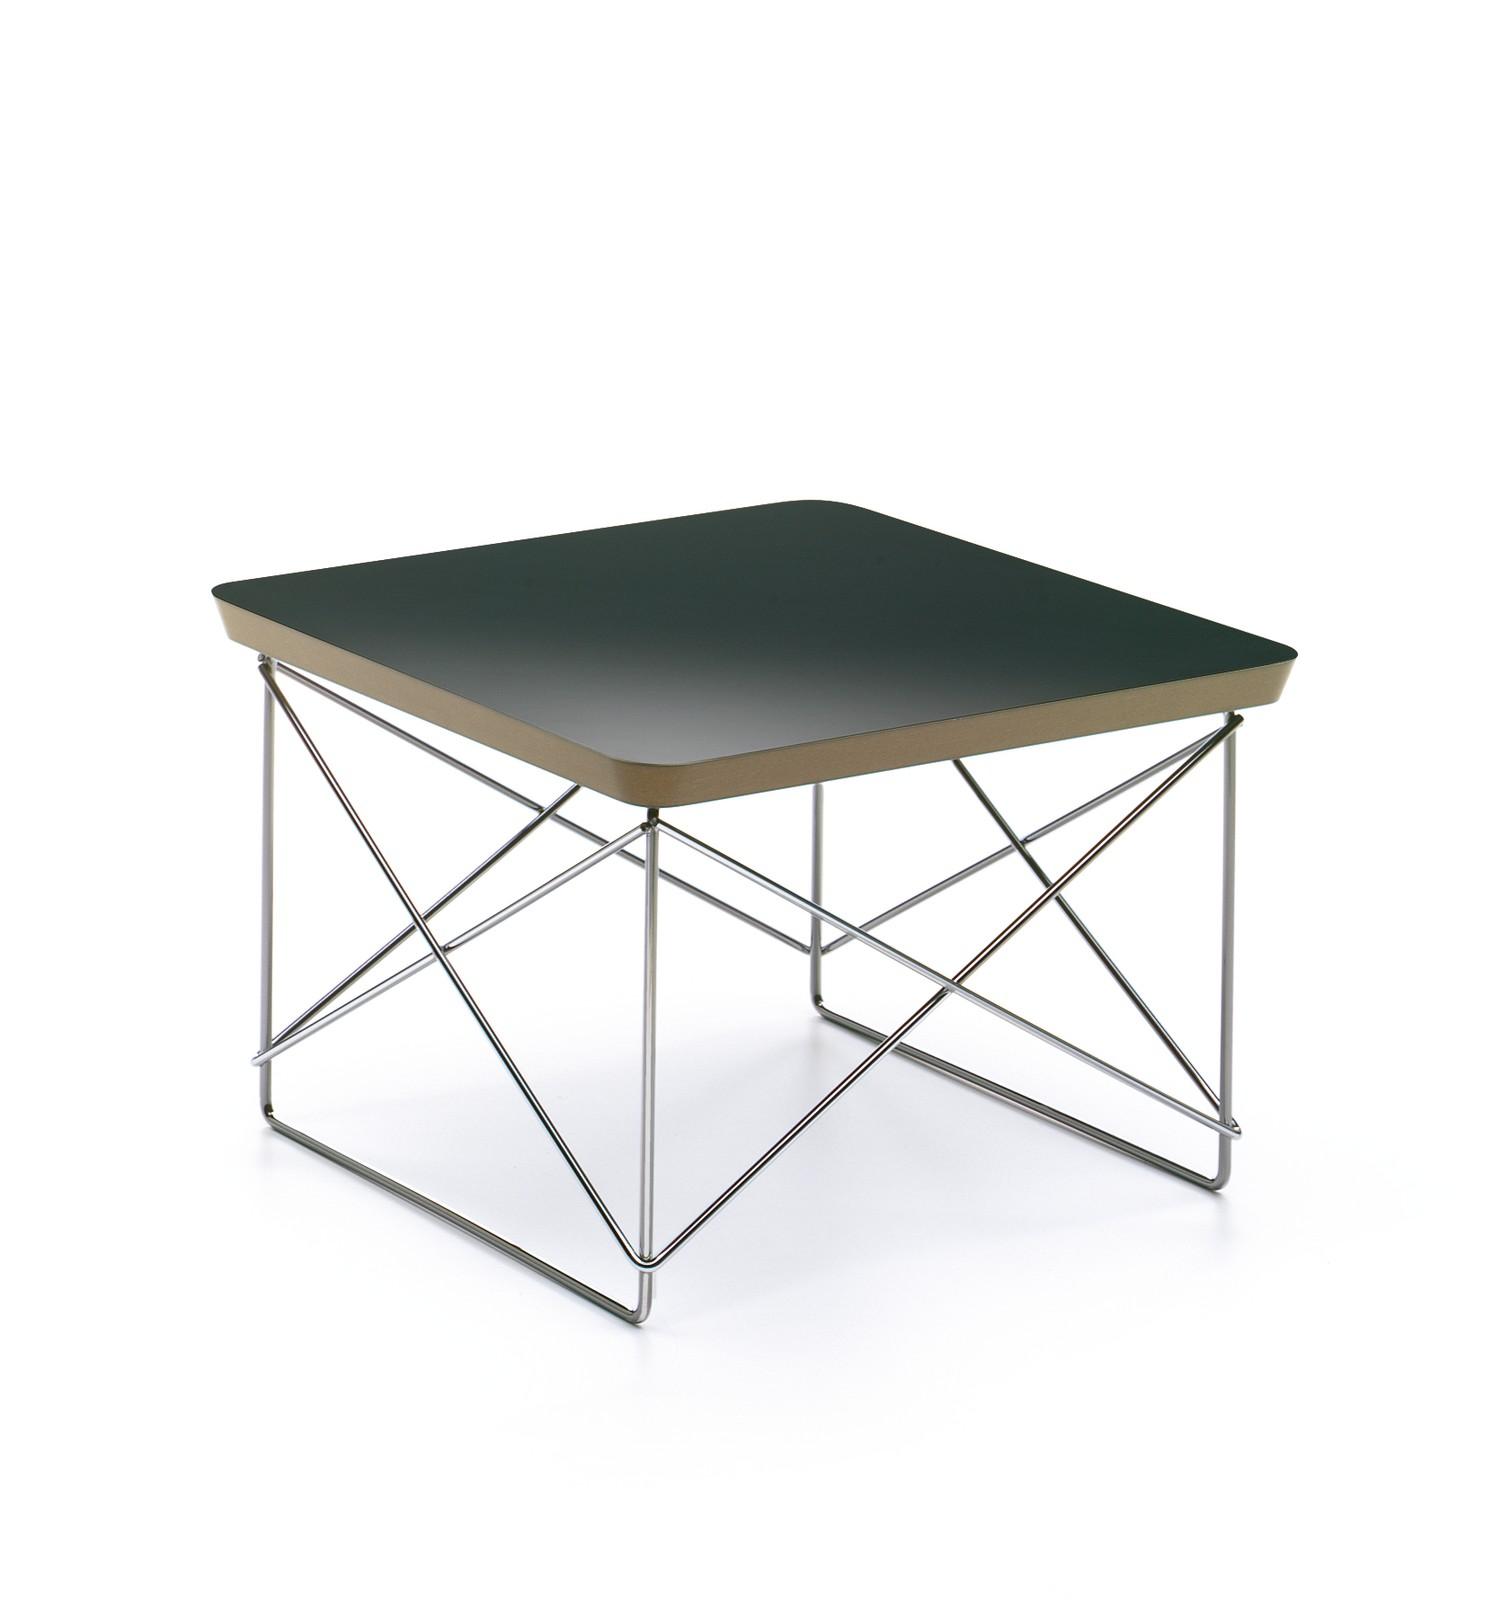 Occasional Table LTR HPL black, base chromed